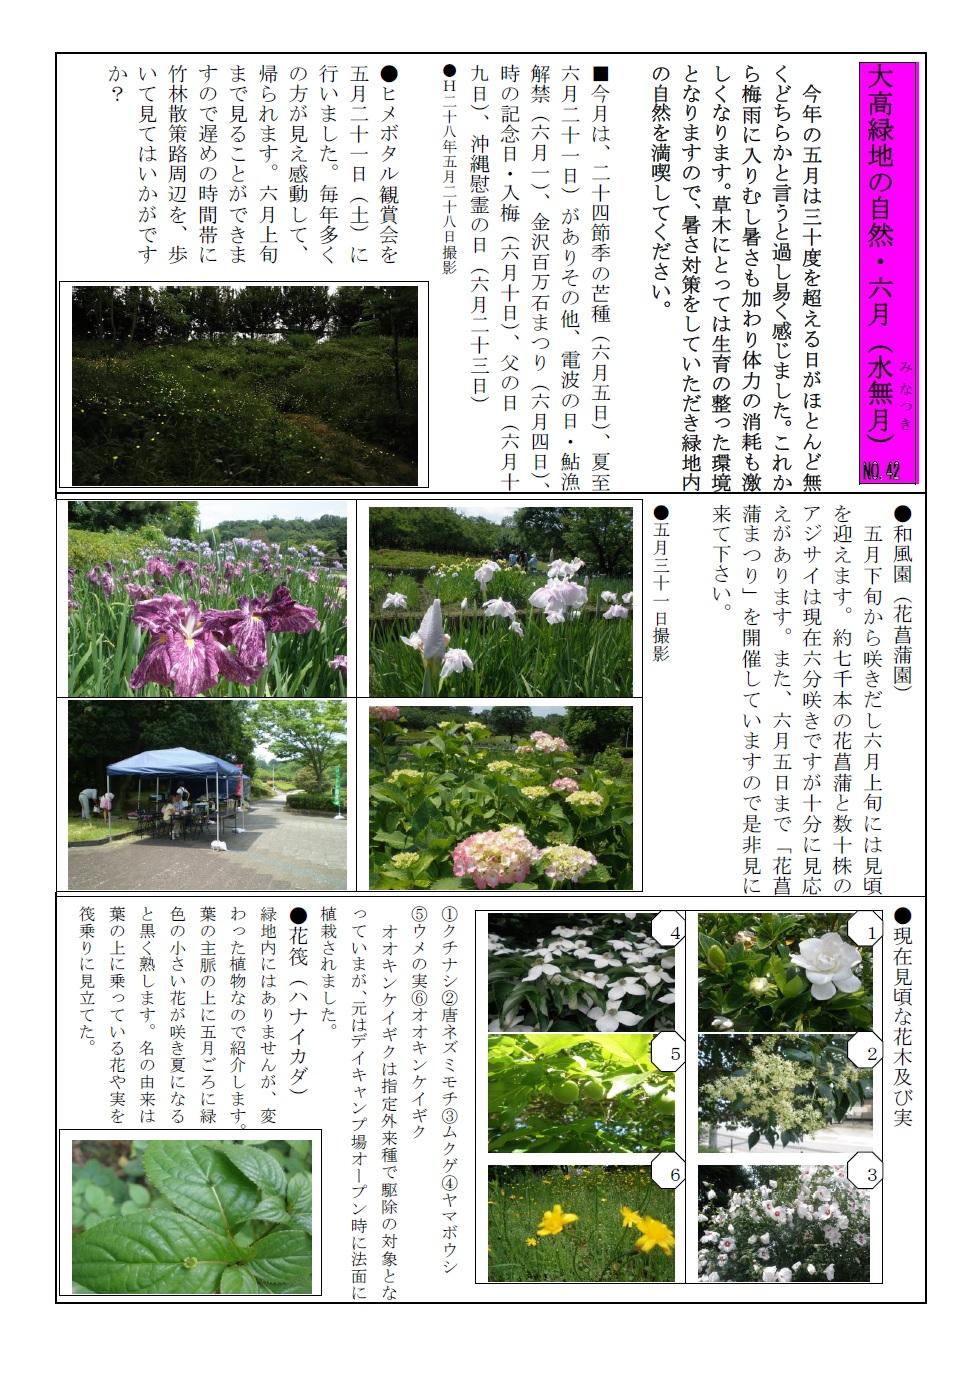 大高緑地の自然・28年6月jpeg